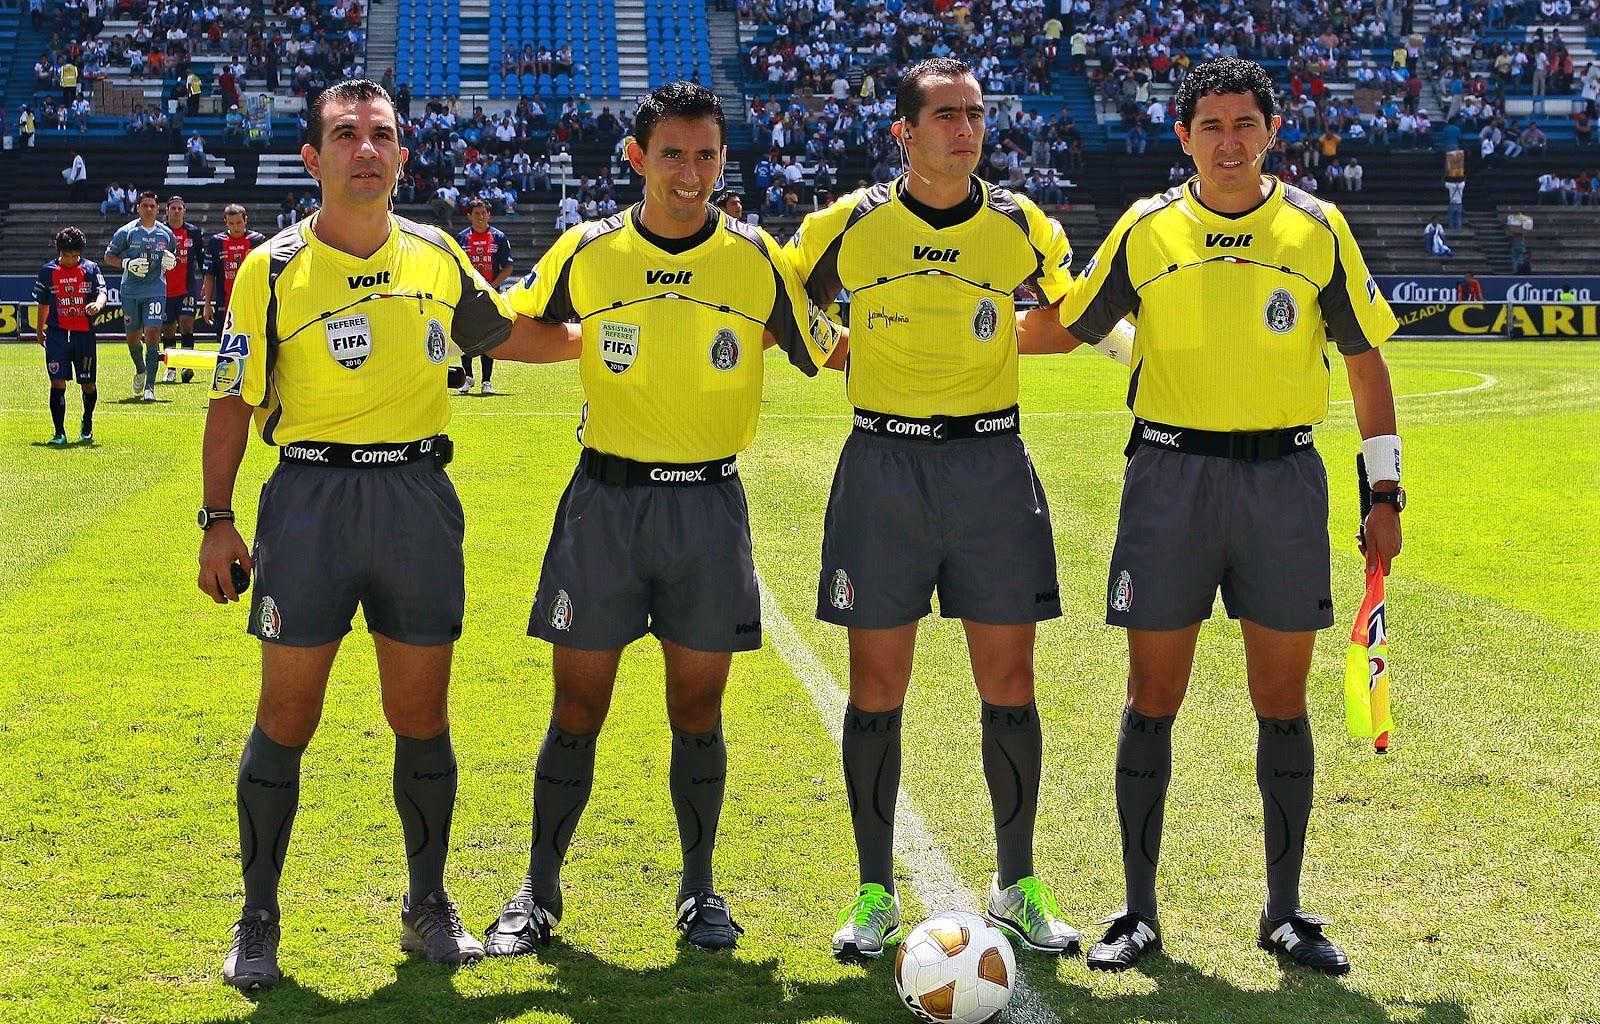 Futbol for Regla de fuera de juego en futbol